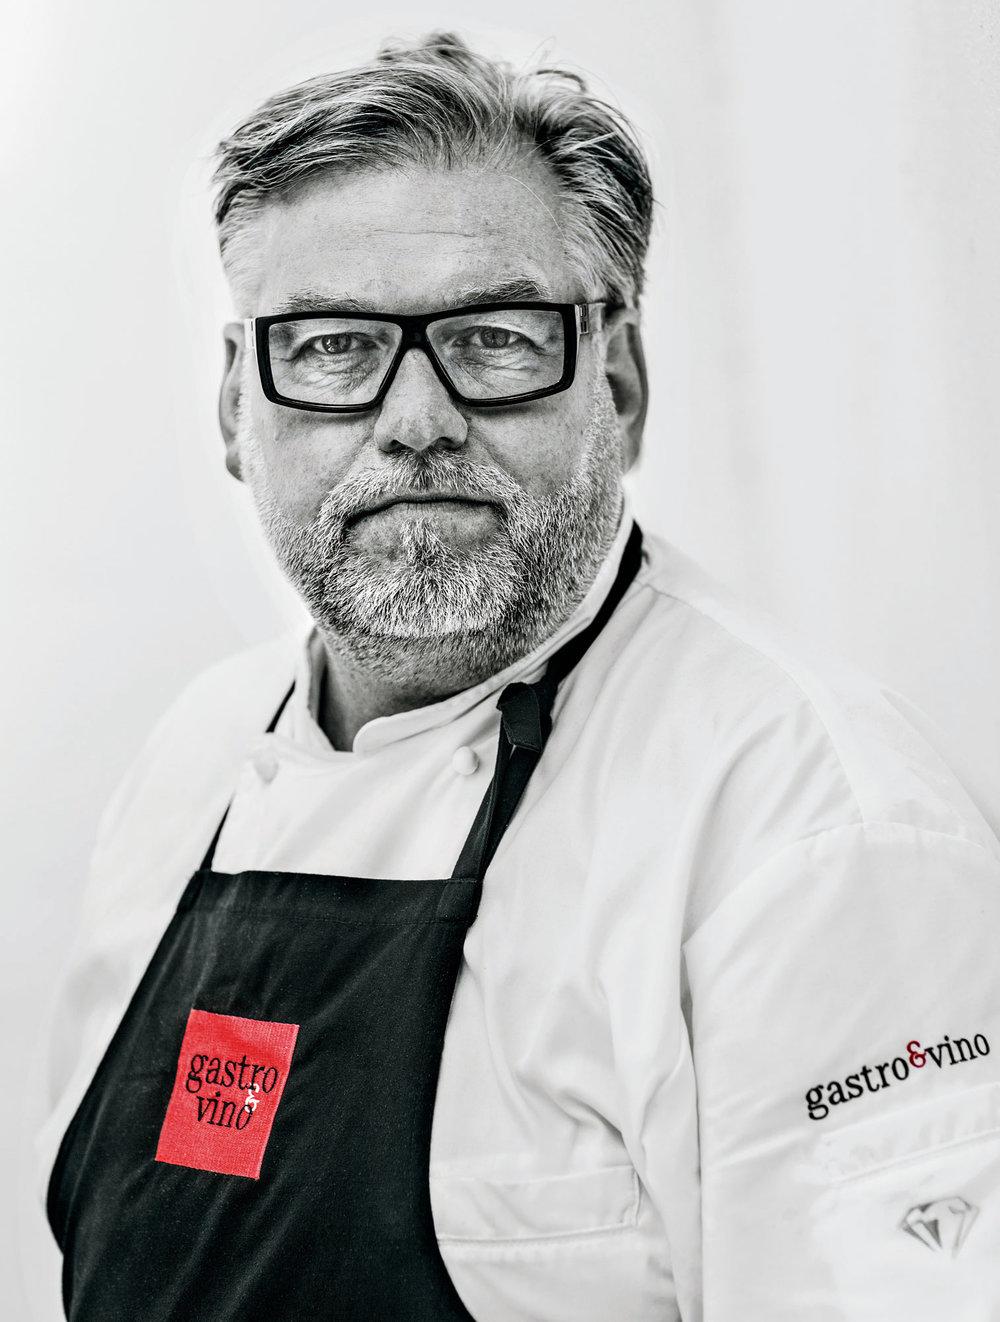 Michael Larsen, Gastro & Vino